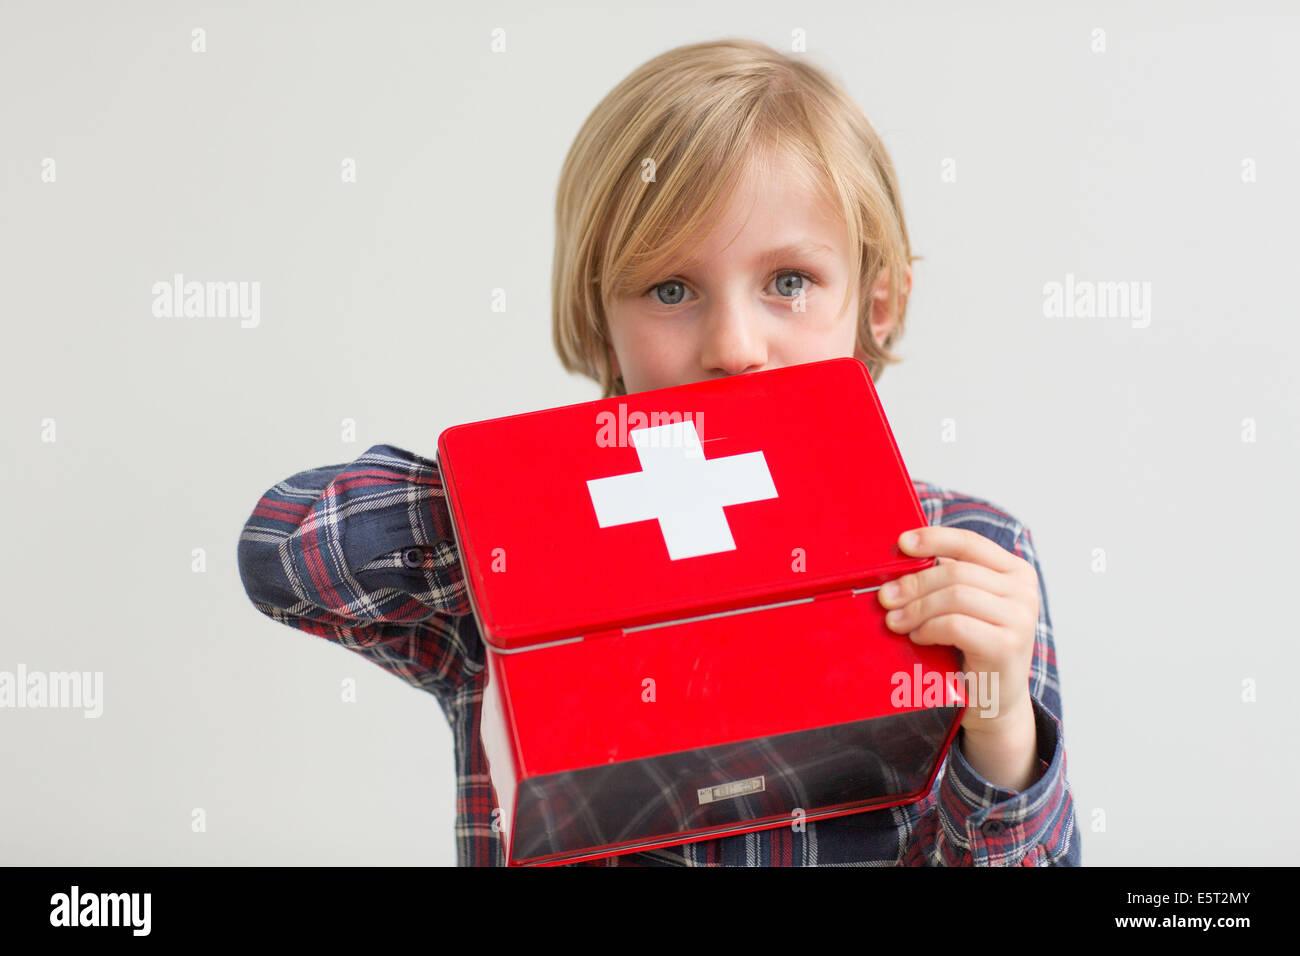 7 anno vecchio ragazzo giocando con farmaci : Pericolo di avvelenamento. Immagini Stock